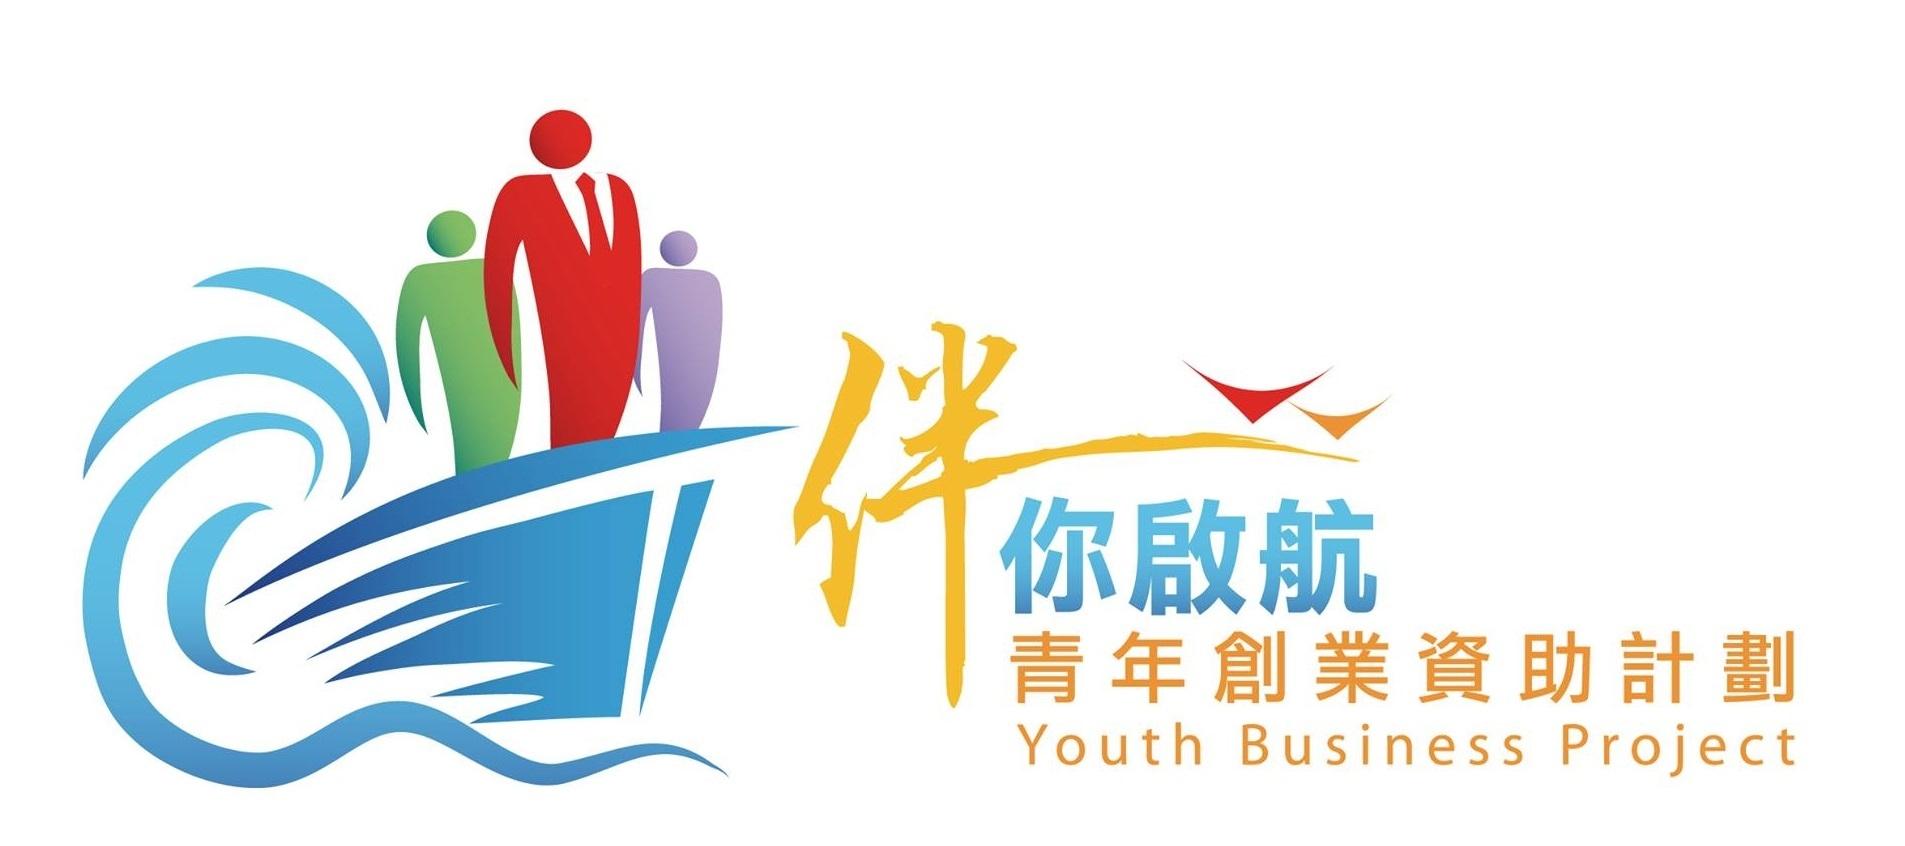 2014 | 伴你啟航 青年創業資助計劃 | Eco-Greenergy綠行俠